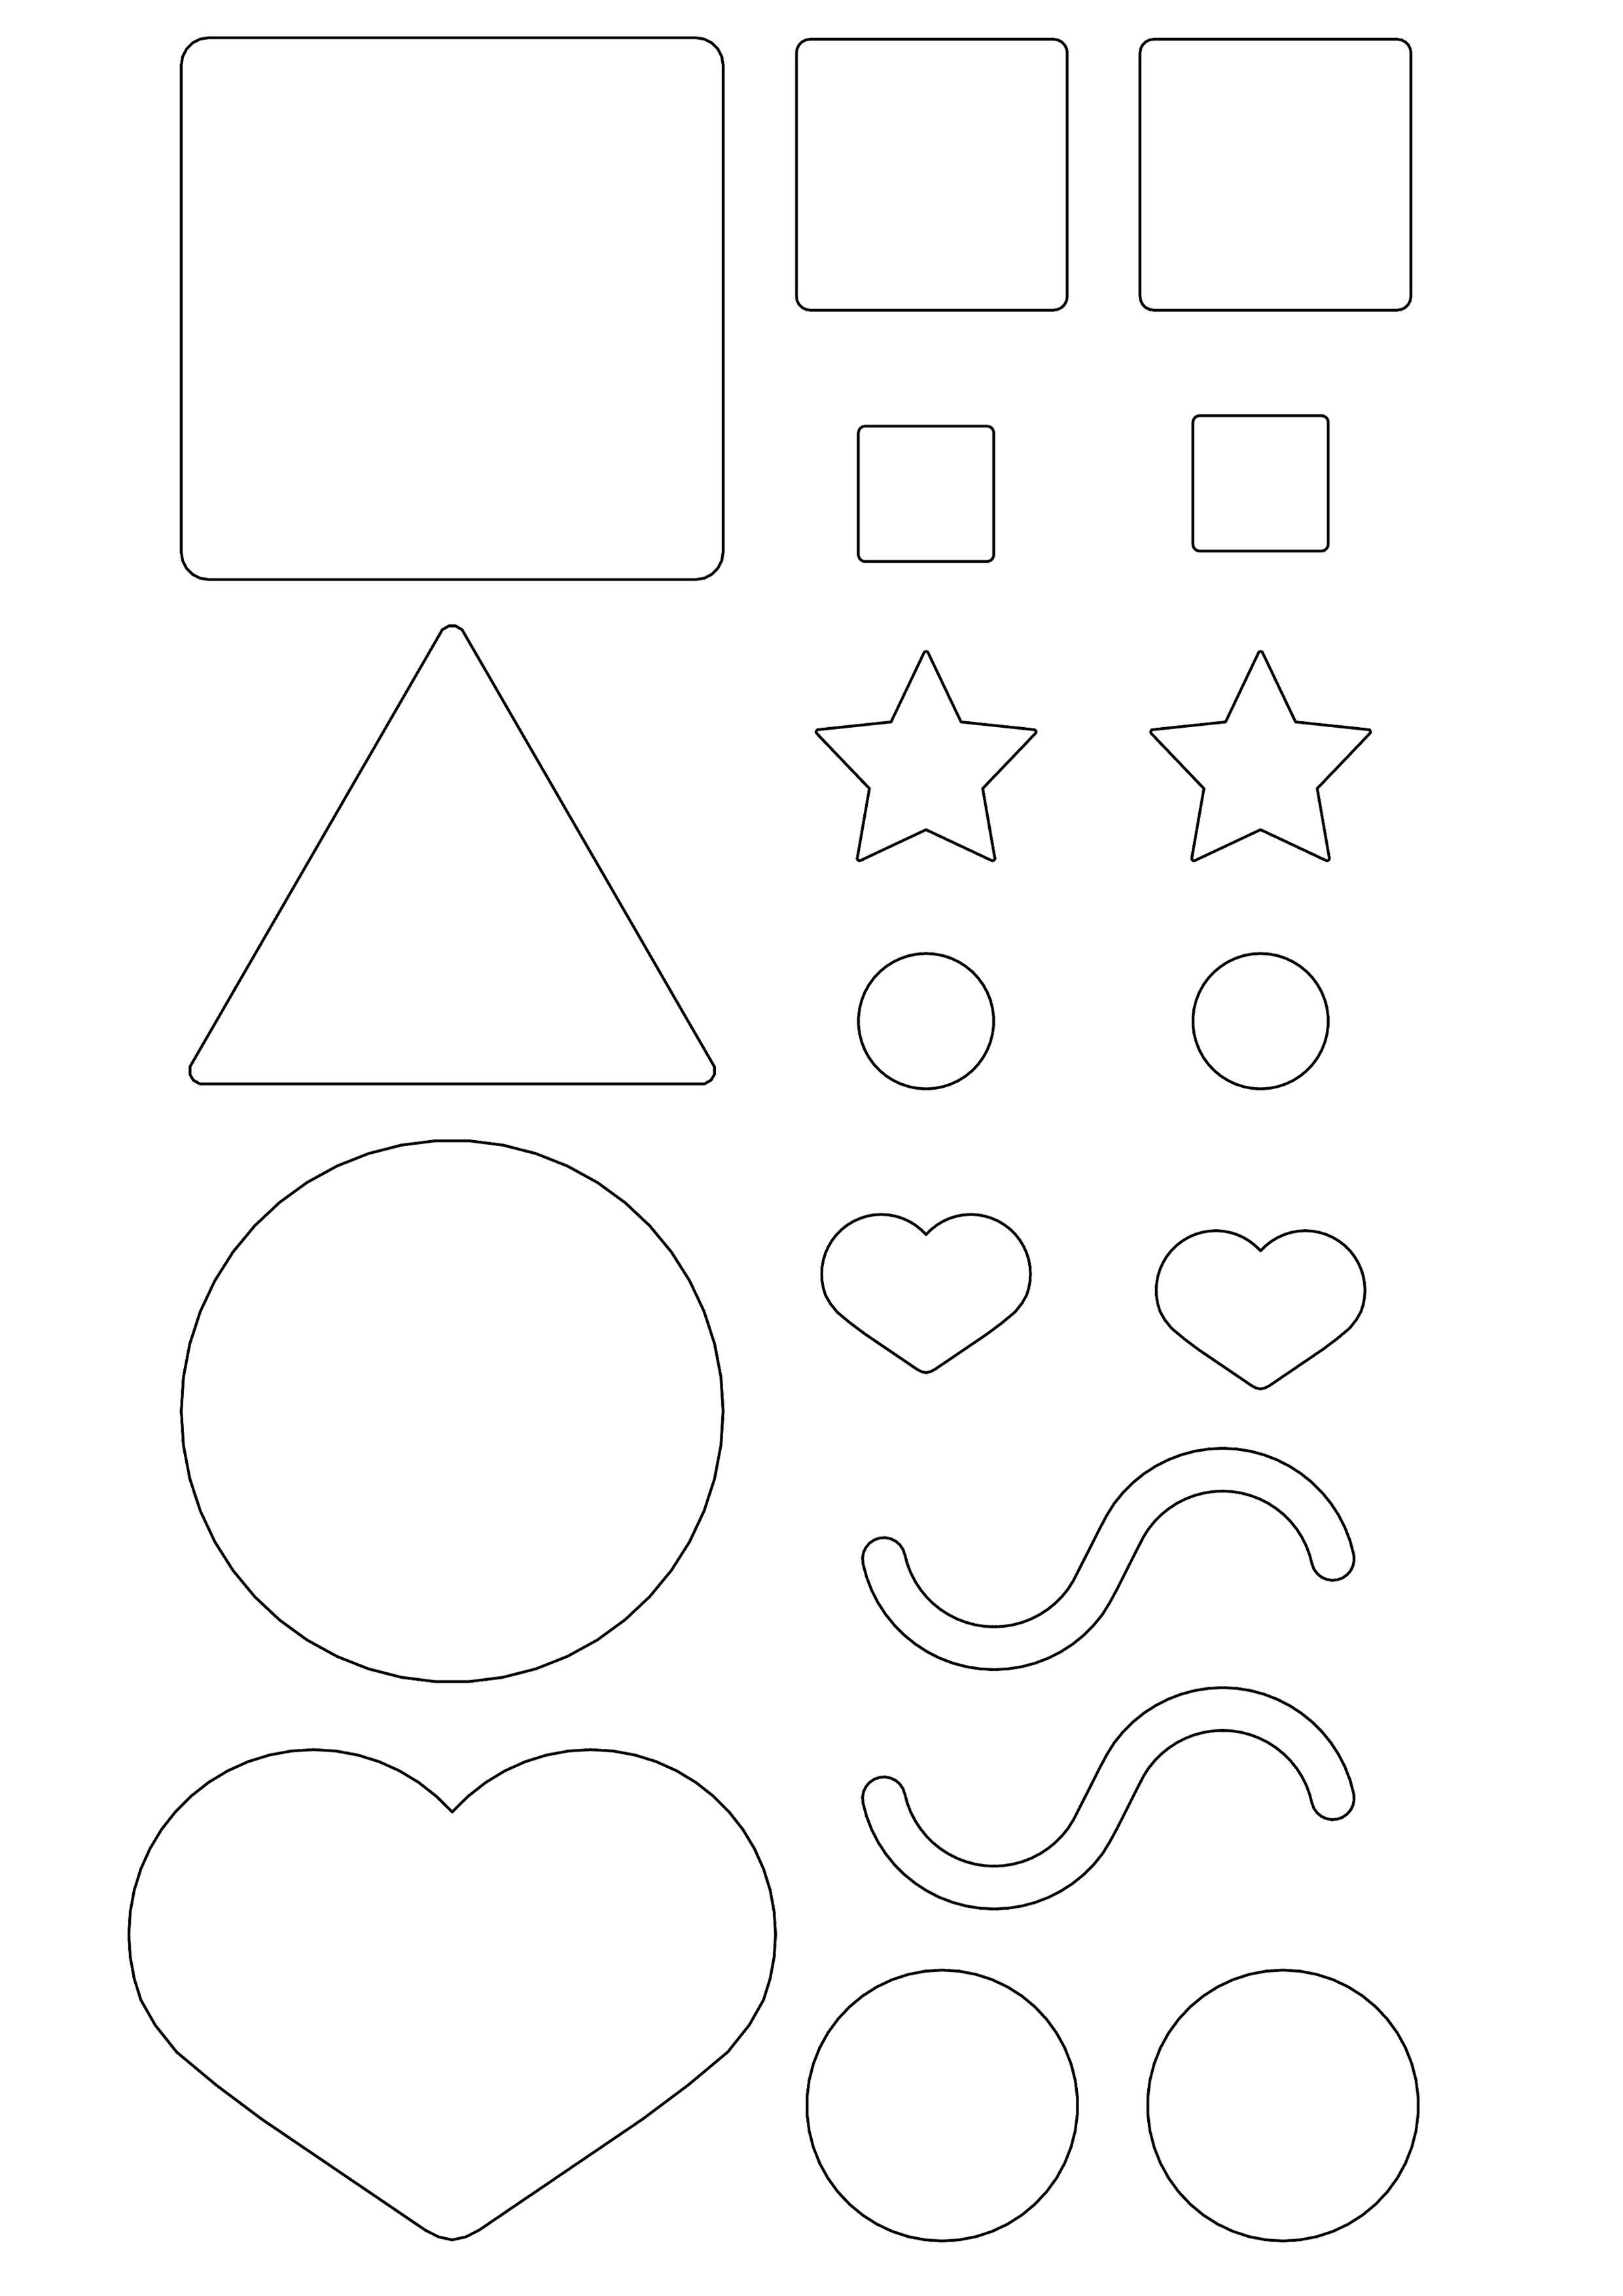 Shapers_Print01.jpg Download free STL file Shapers • 3D printer design, 3deran